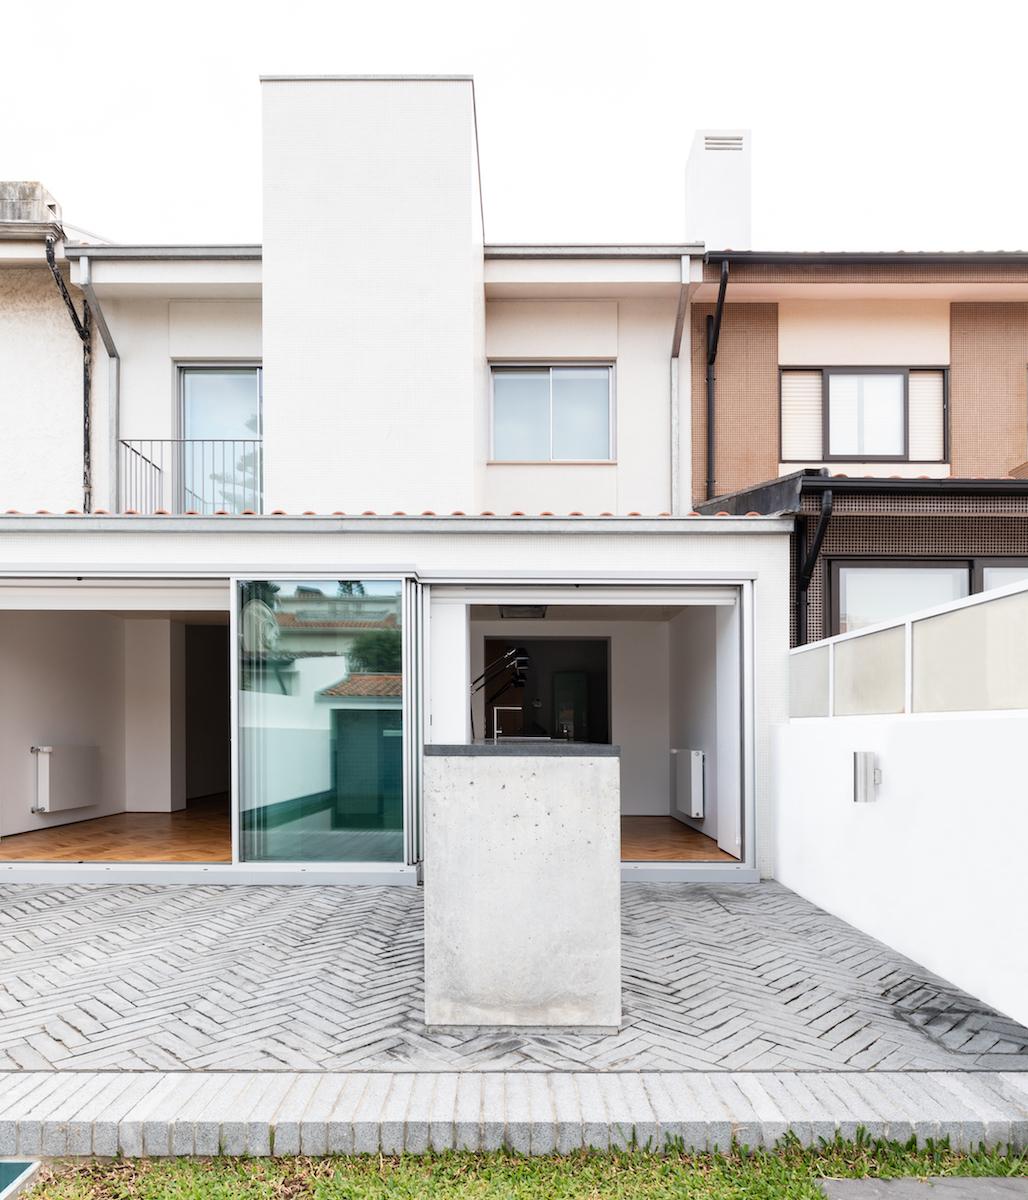 Die kolossalen Schiebefenster verbinden Haus und Garten optisch und praktisch.